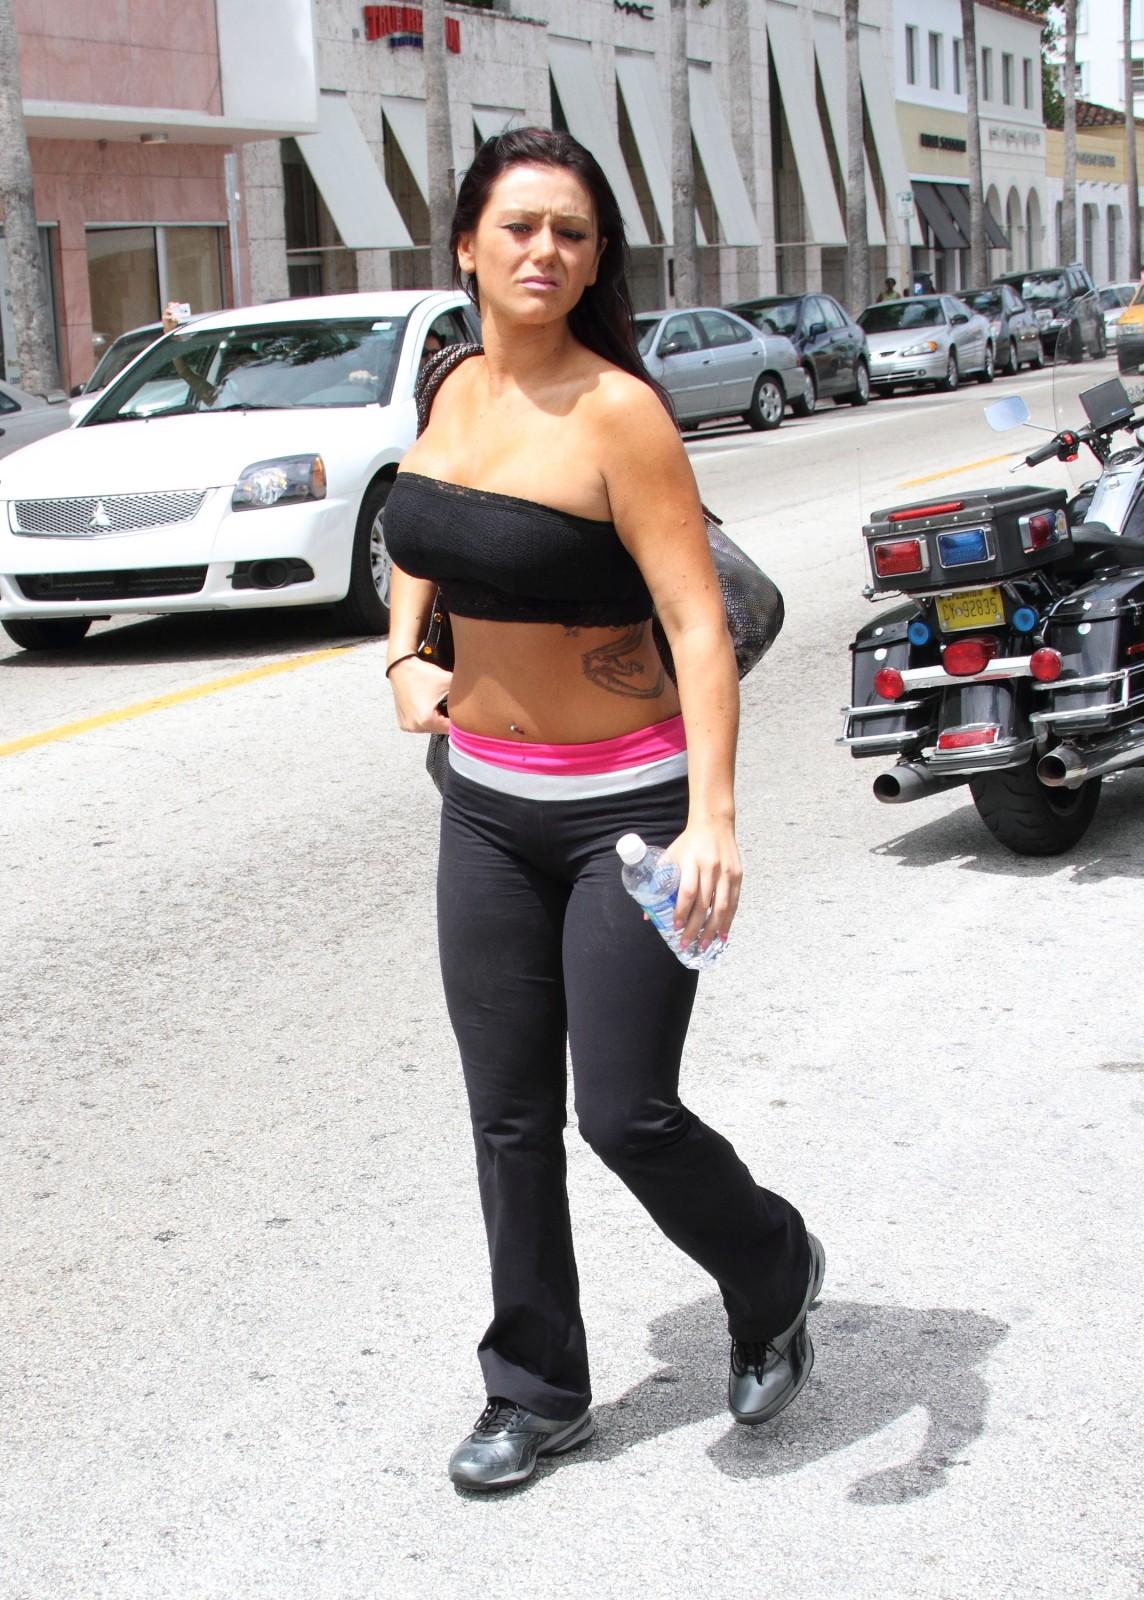 http://3.bp.blogspot.com/_AjWUpQhTvyg/S7xybvVyxnI/AAAAAAAAAdo/atkfvI7jg6w/s1600/Jenni+Farley+Her+Body+Show1.jpg